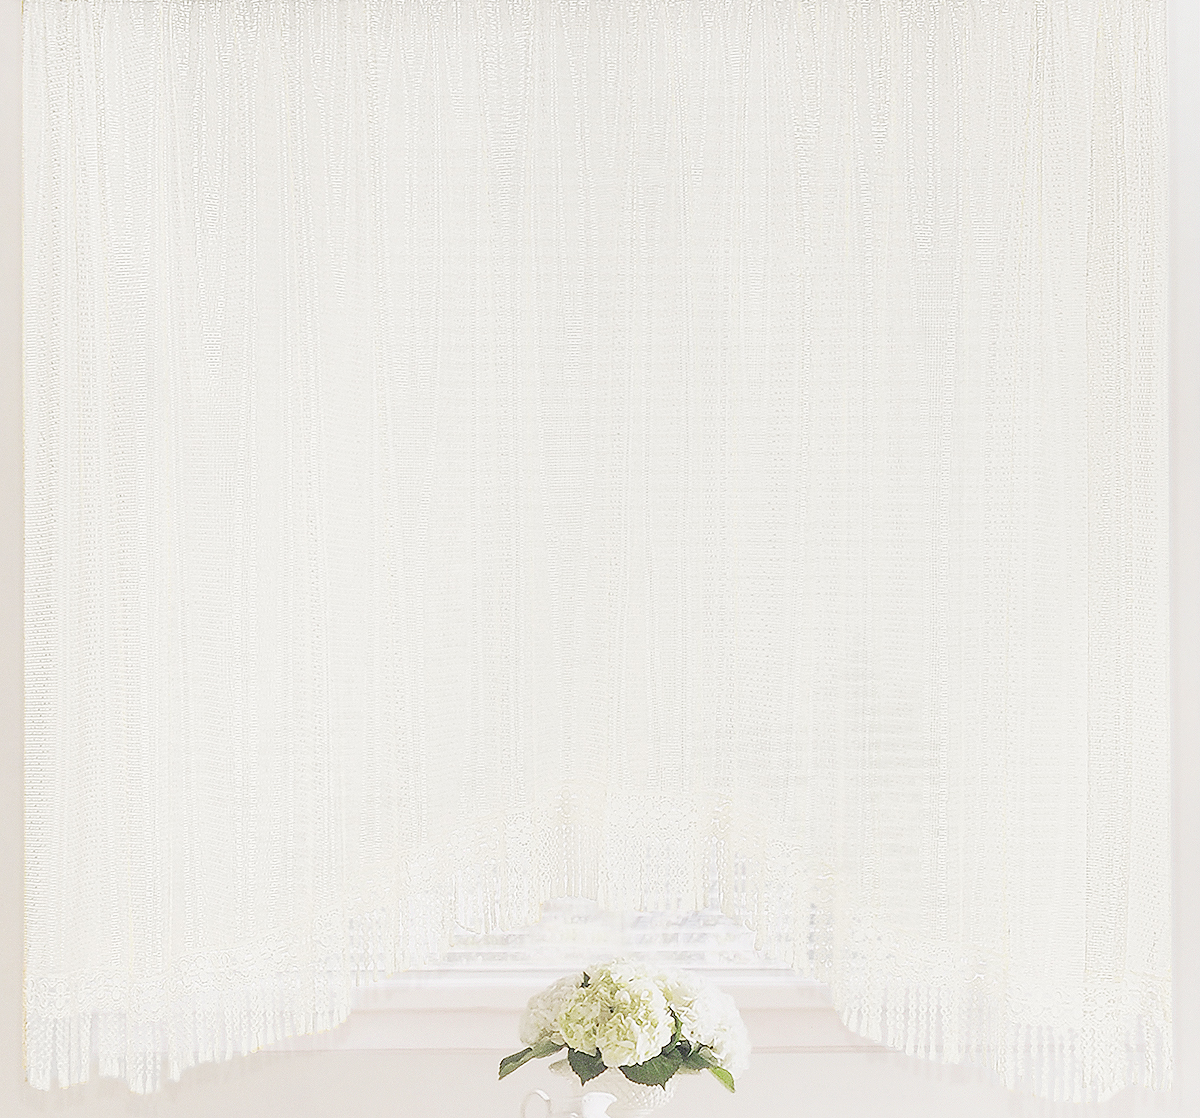 Штора-арка ТД Текстиль Капли росы, на ленте, цвет: белый, высота 165 см100-49000000-60Штора-арка ТД Текстиль Капли росы великолепно украсит любое окно. Штора выполнена из качественного сетчатого полиэстера и декорирована бахромой. Полупрозрачная ткань, оригинальный дизайн и приятная цветовая гамма привлекут к себе внимание и позволят шторе органично вписаться в интерьер помещения. Штора крепится на карниз при помощи шторной ленты, которая поможет красиво и равномерно задрапировать верх. Изделие отлично подходит для кухни, столовой, спальни.